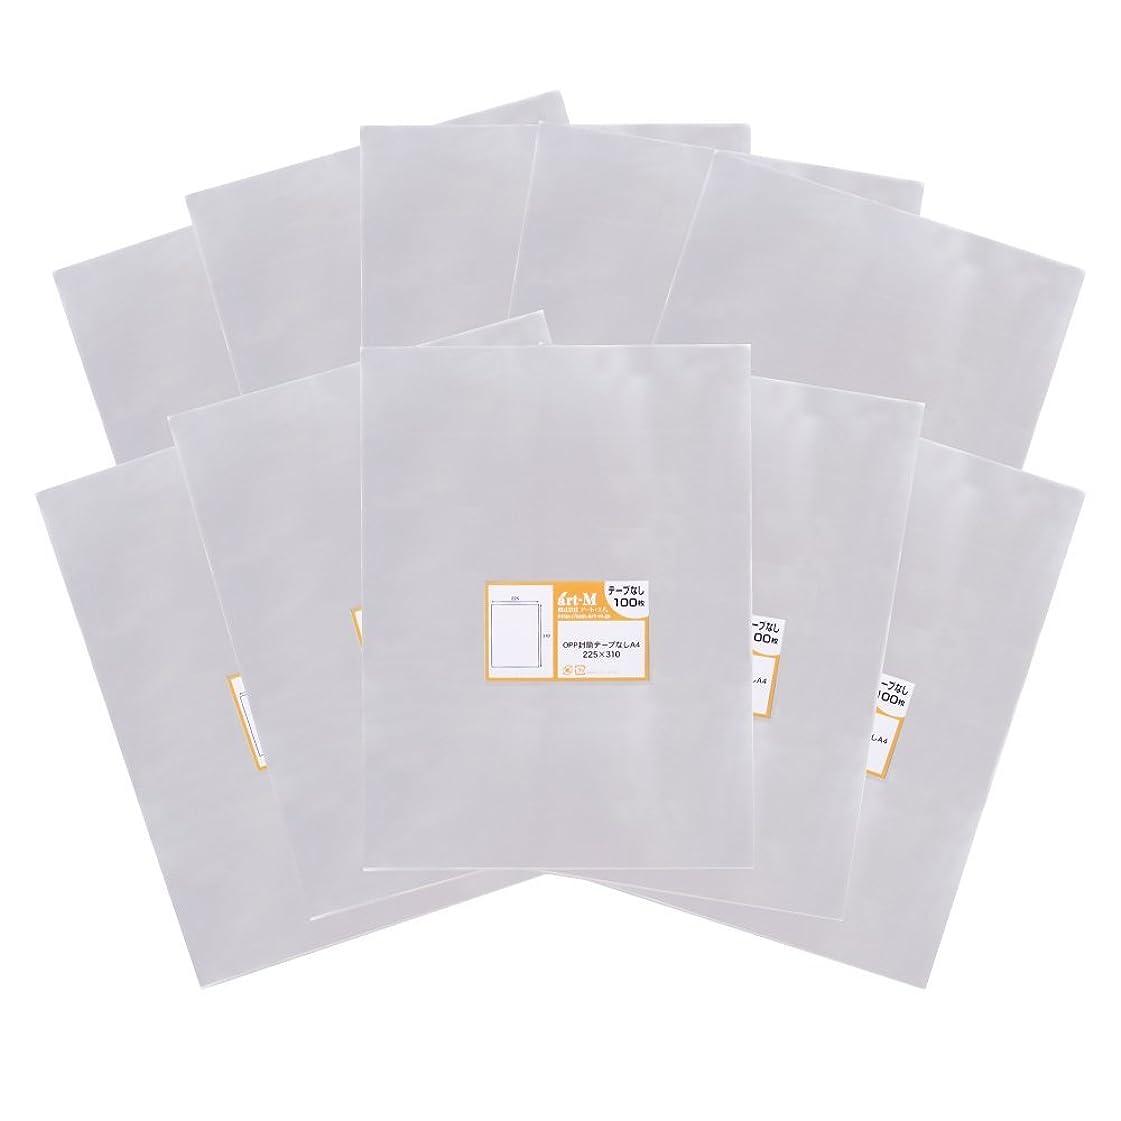 唇あなたはグッゲンハイム美術館【DVDトールケース用】OPP袋テープ付き 30ミクロン厚(標準)153x198+50mm【100枚】